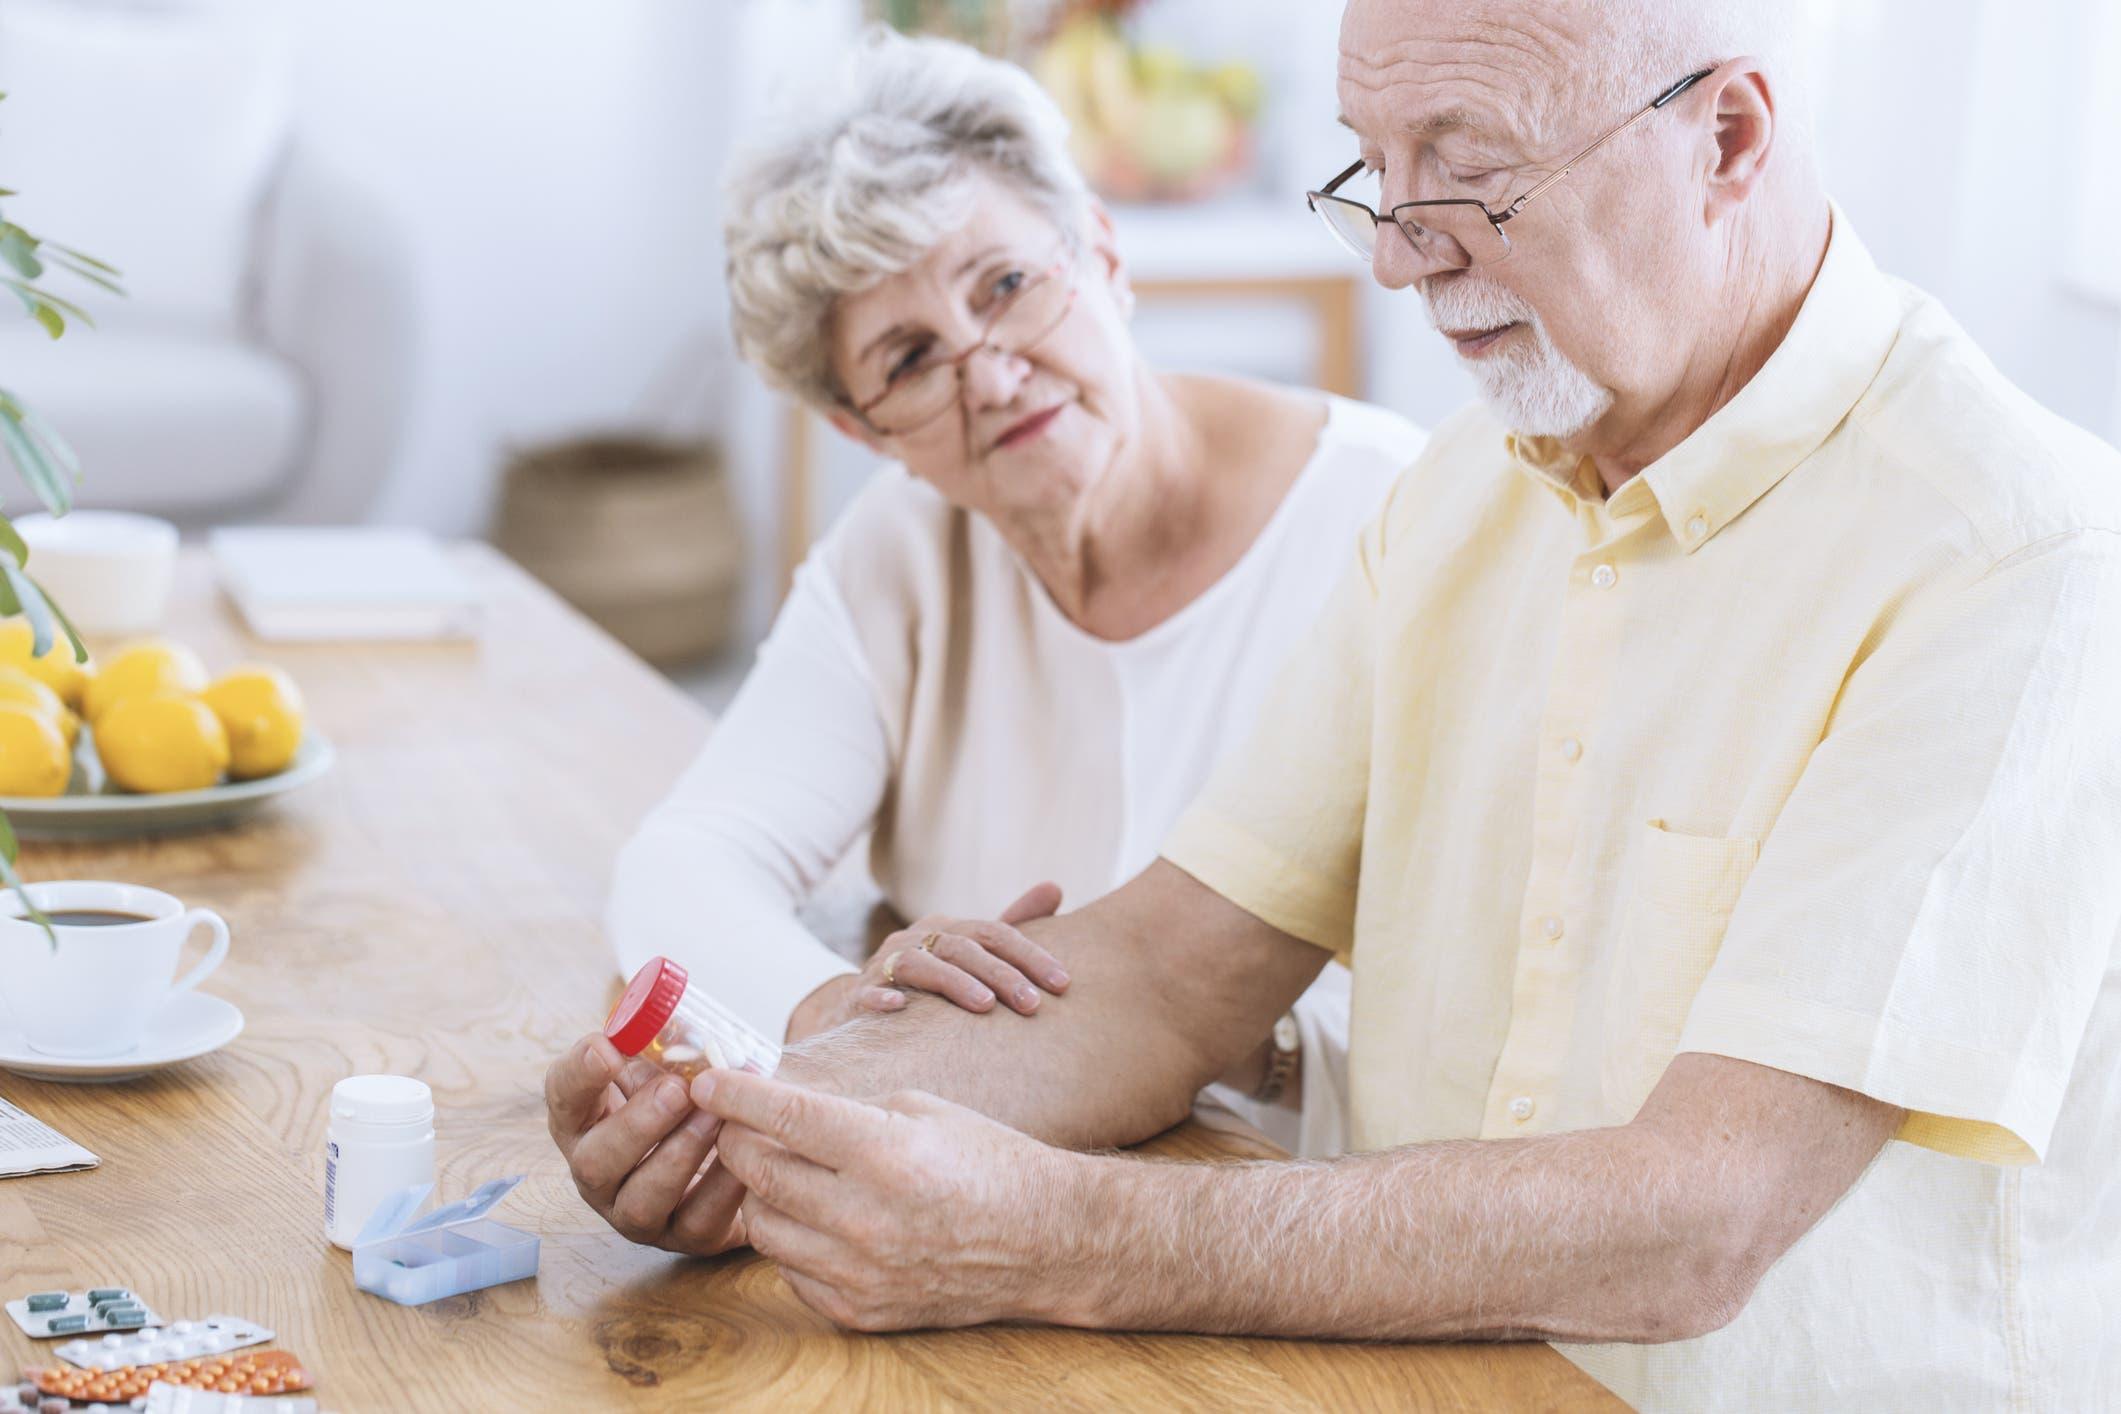 كبار السن معرضون بشكل أكبر للنوع الثاني من مرض السكري